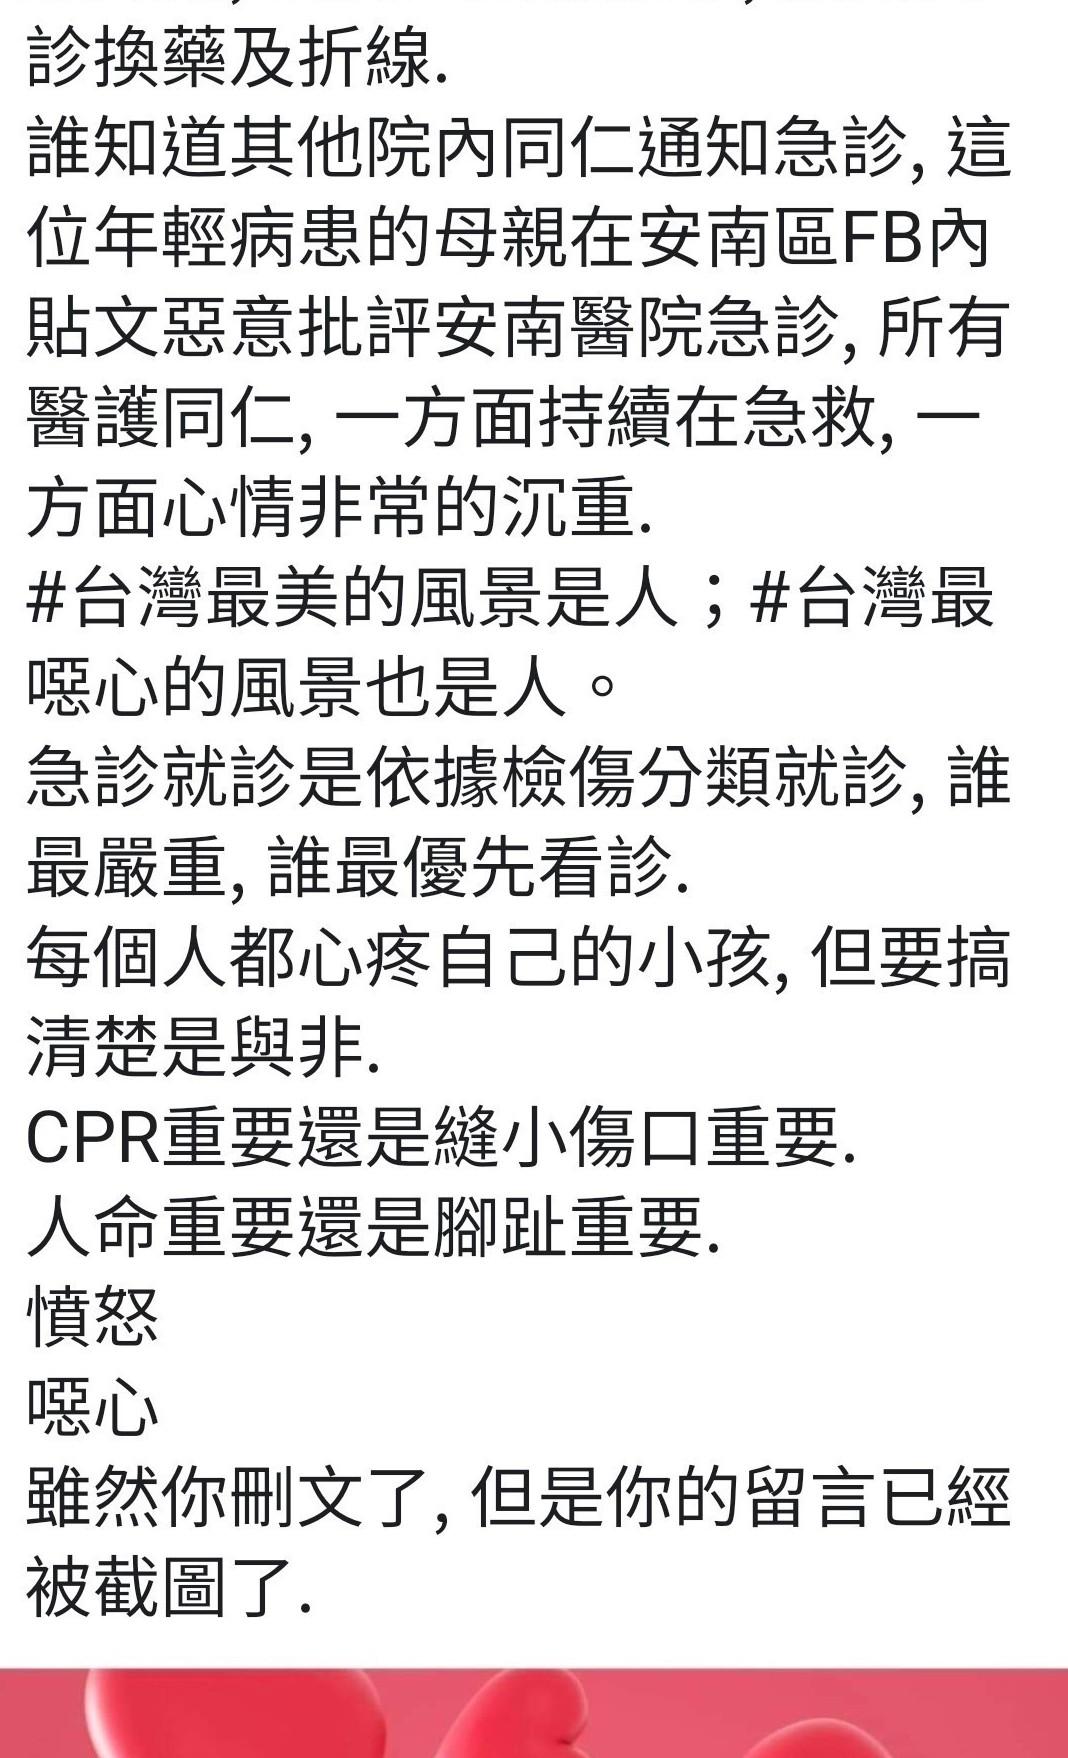 安南醫師po文指病患家屬噁心。圖/取自網路